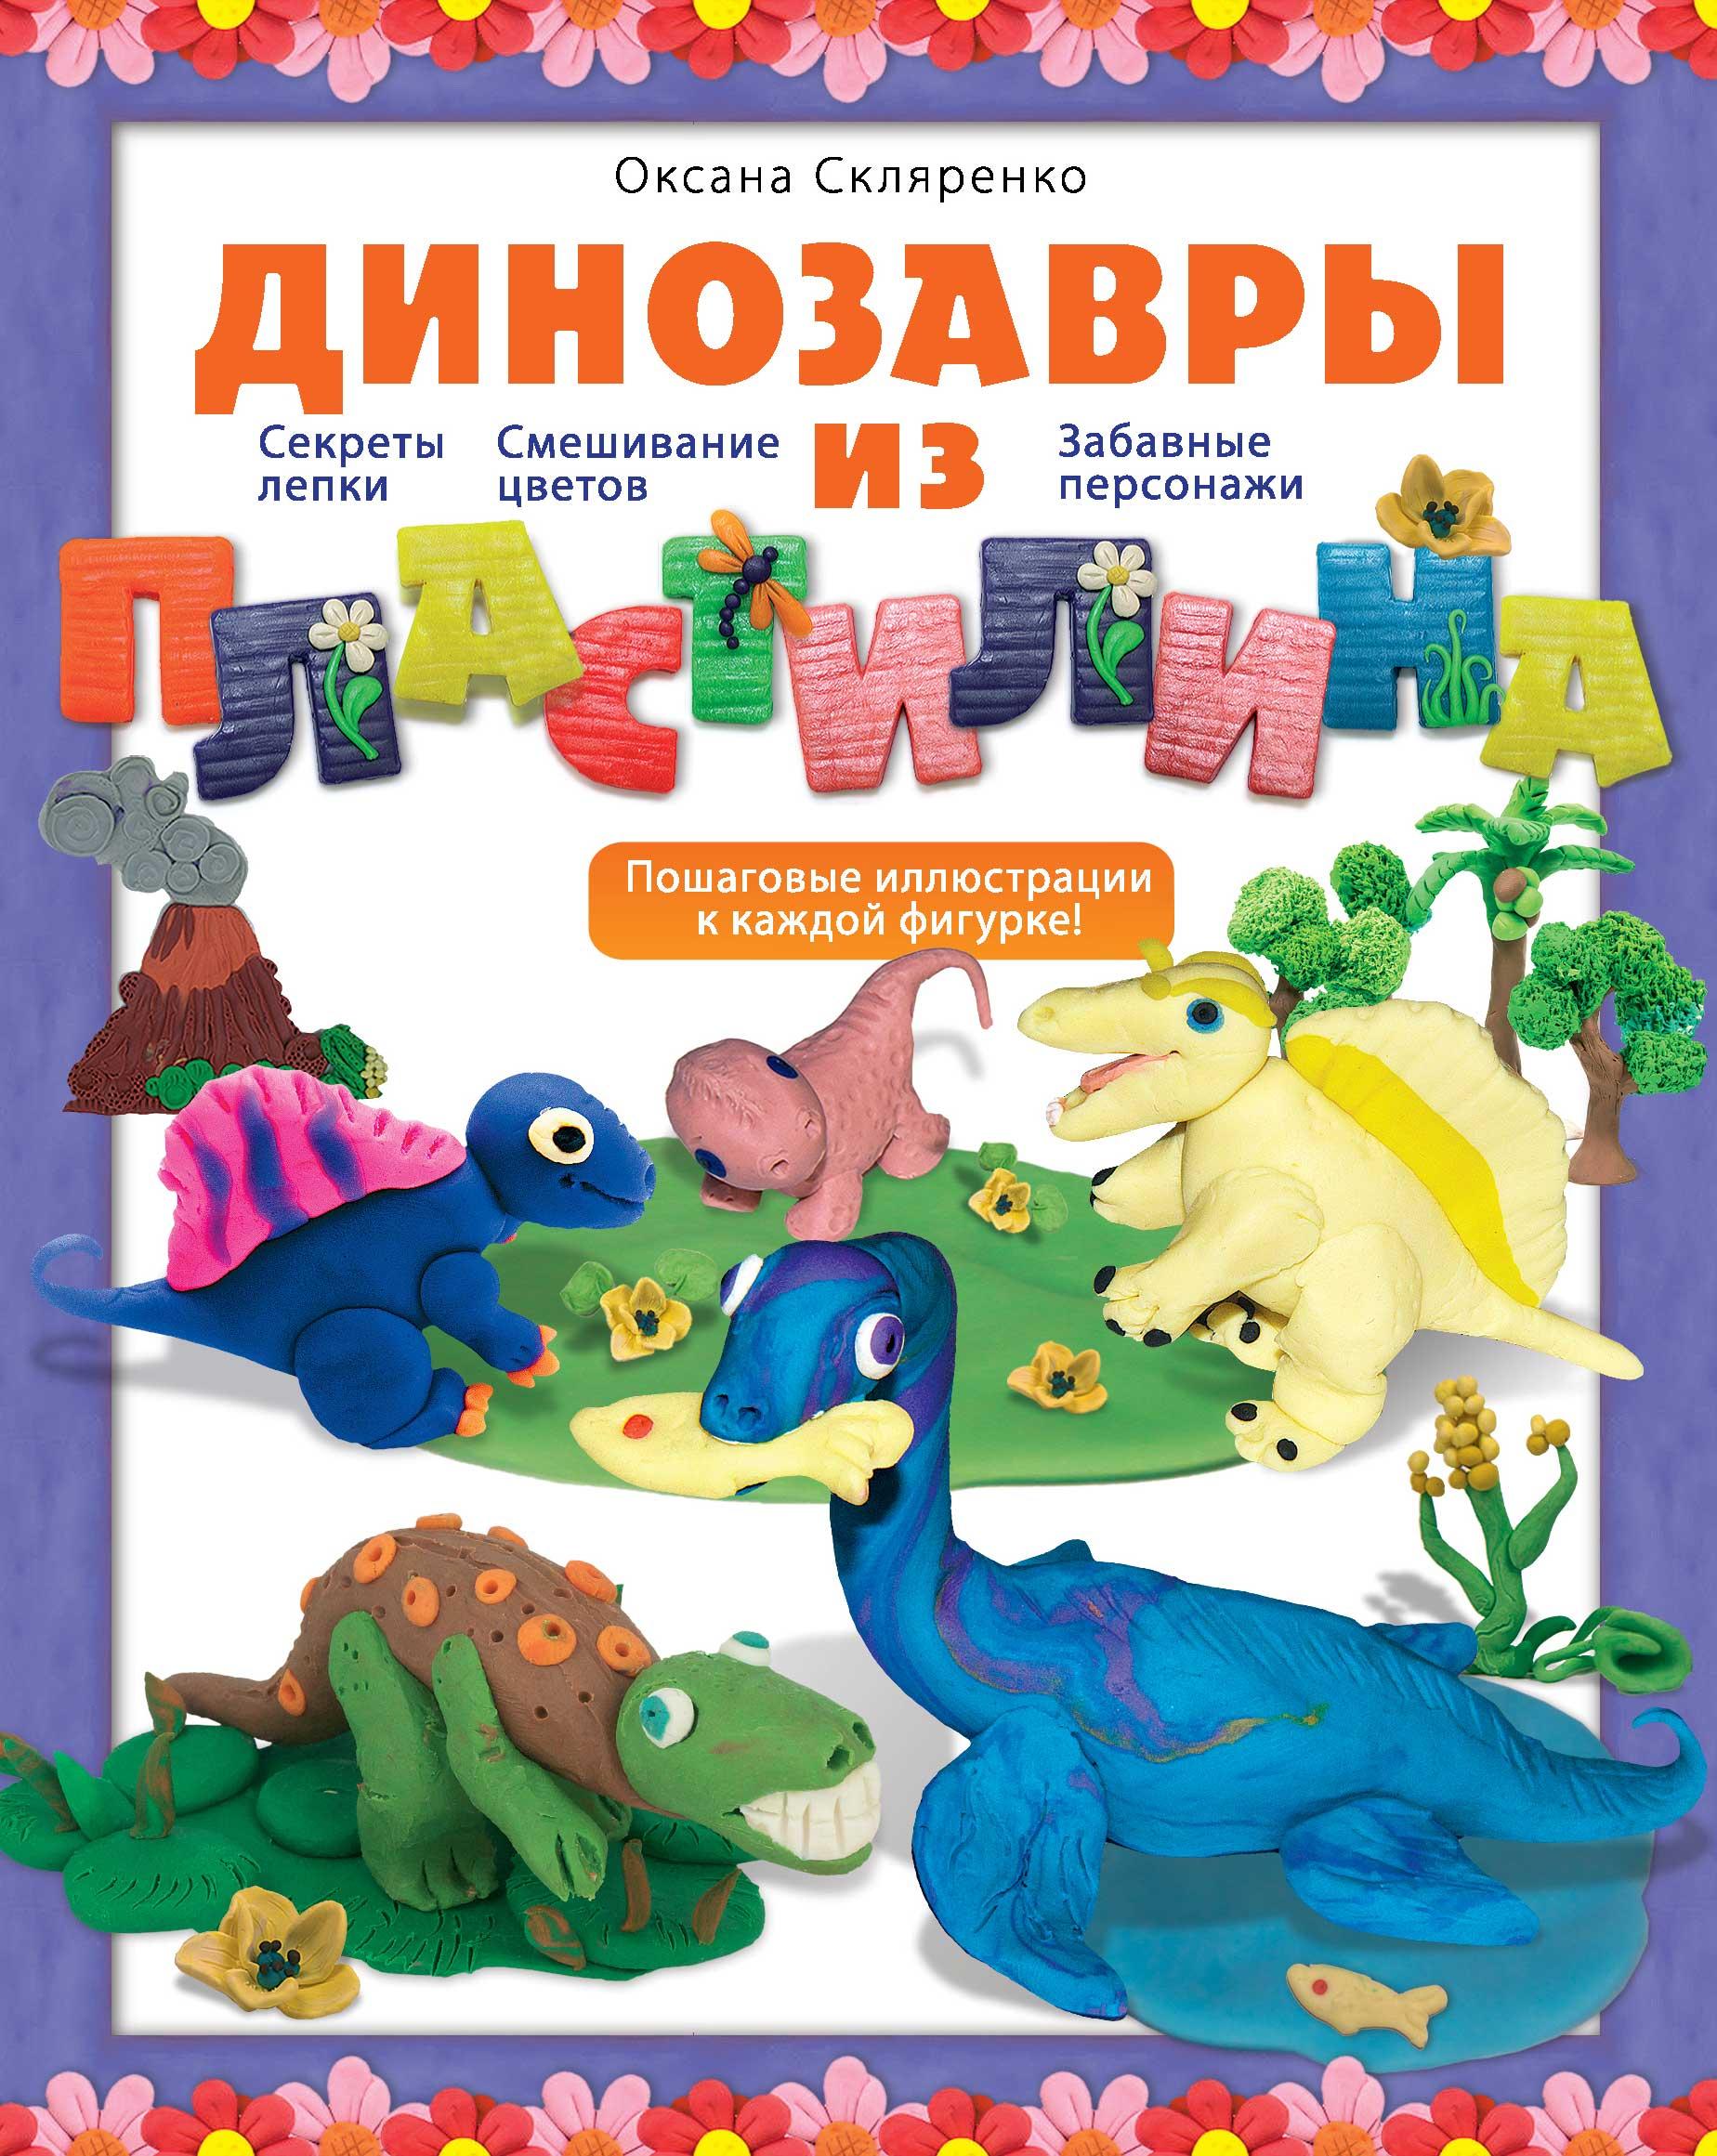 купить Оксана Скляренко Динозавры из пластилина по цене 79.99 рублей